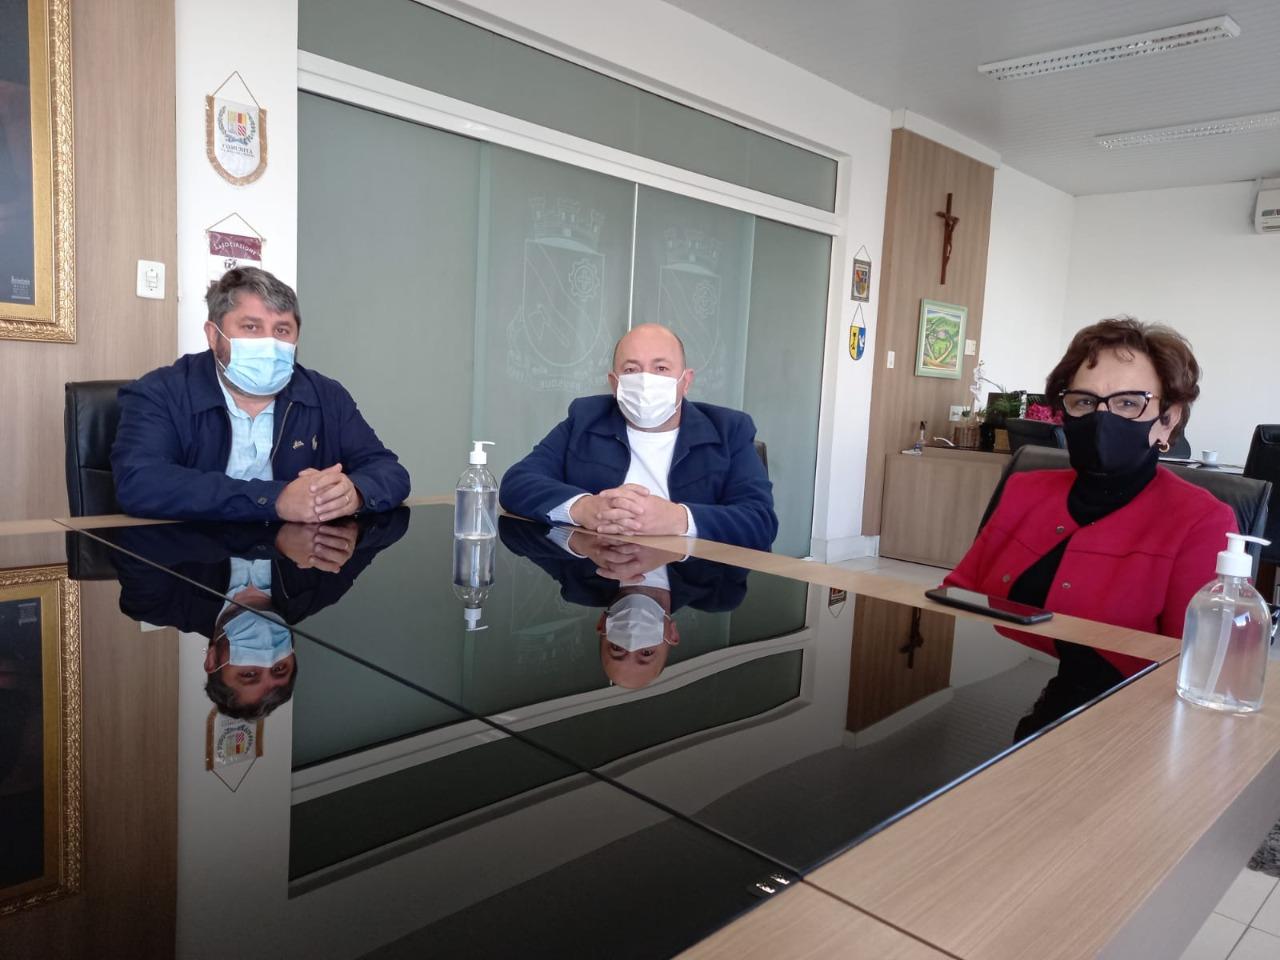 Deputada Dirce visita Ari Vequi e anuncia emenda de R$ 200 mil ao Hospital Dom Joaquim